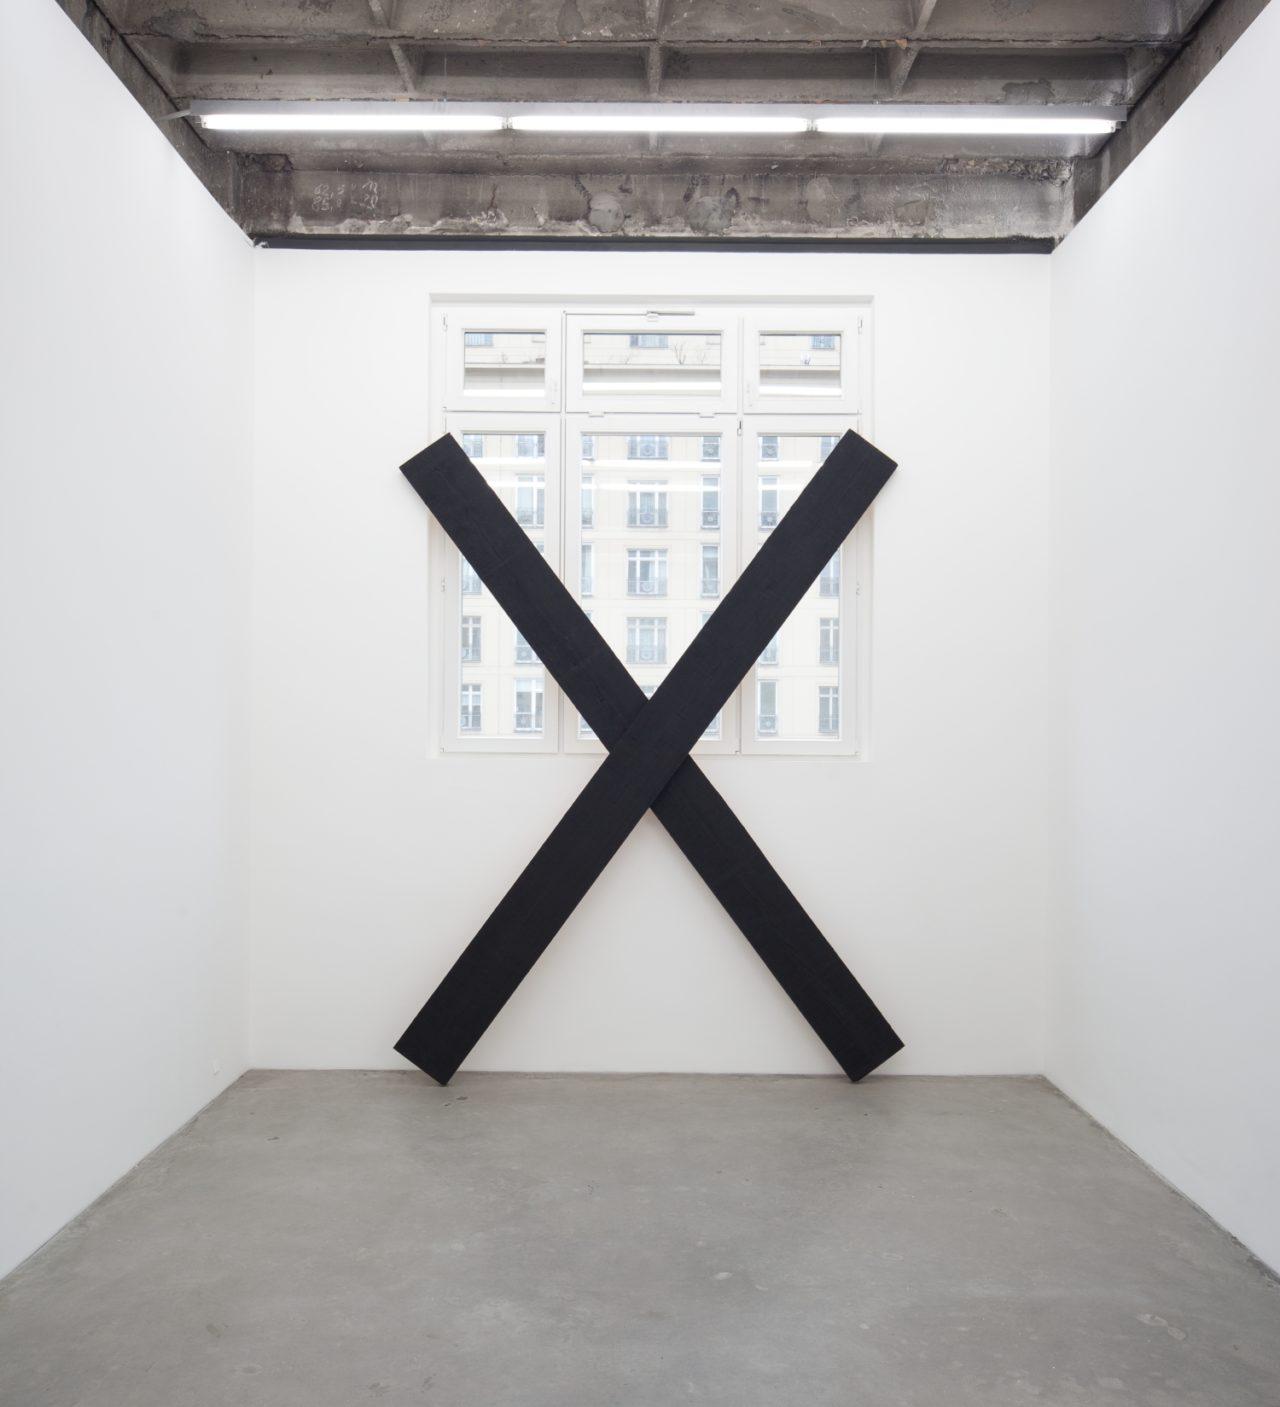 Wade Guyton, X sculpture (2005)